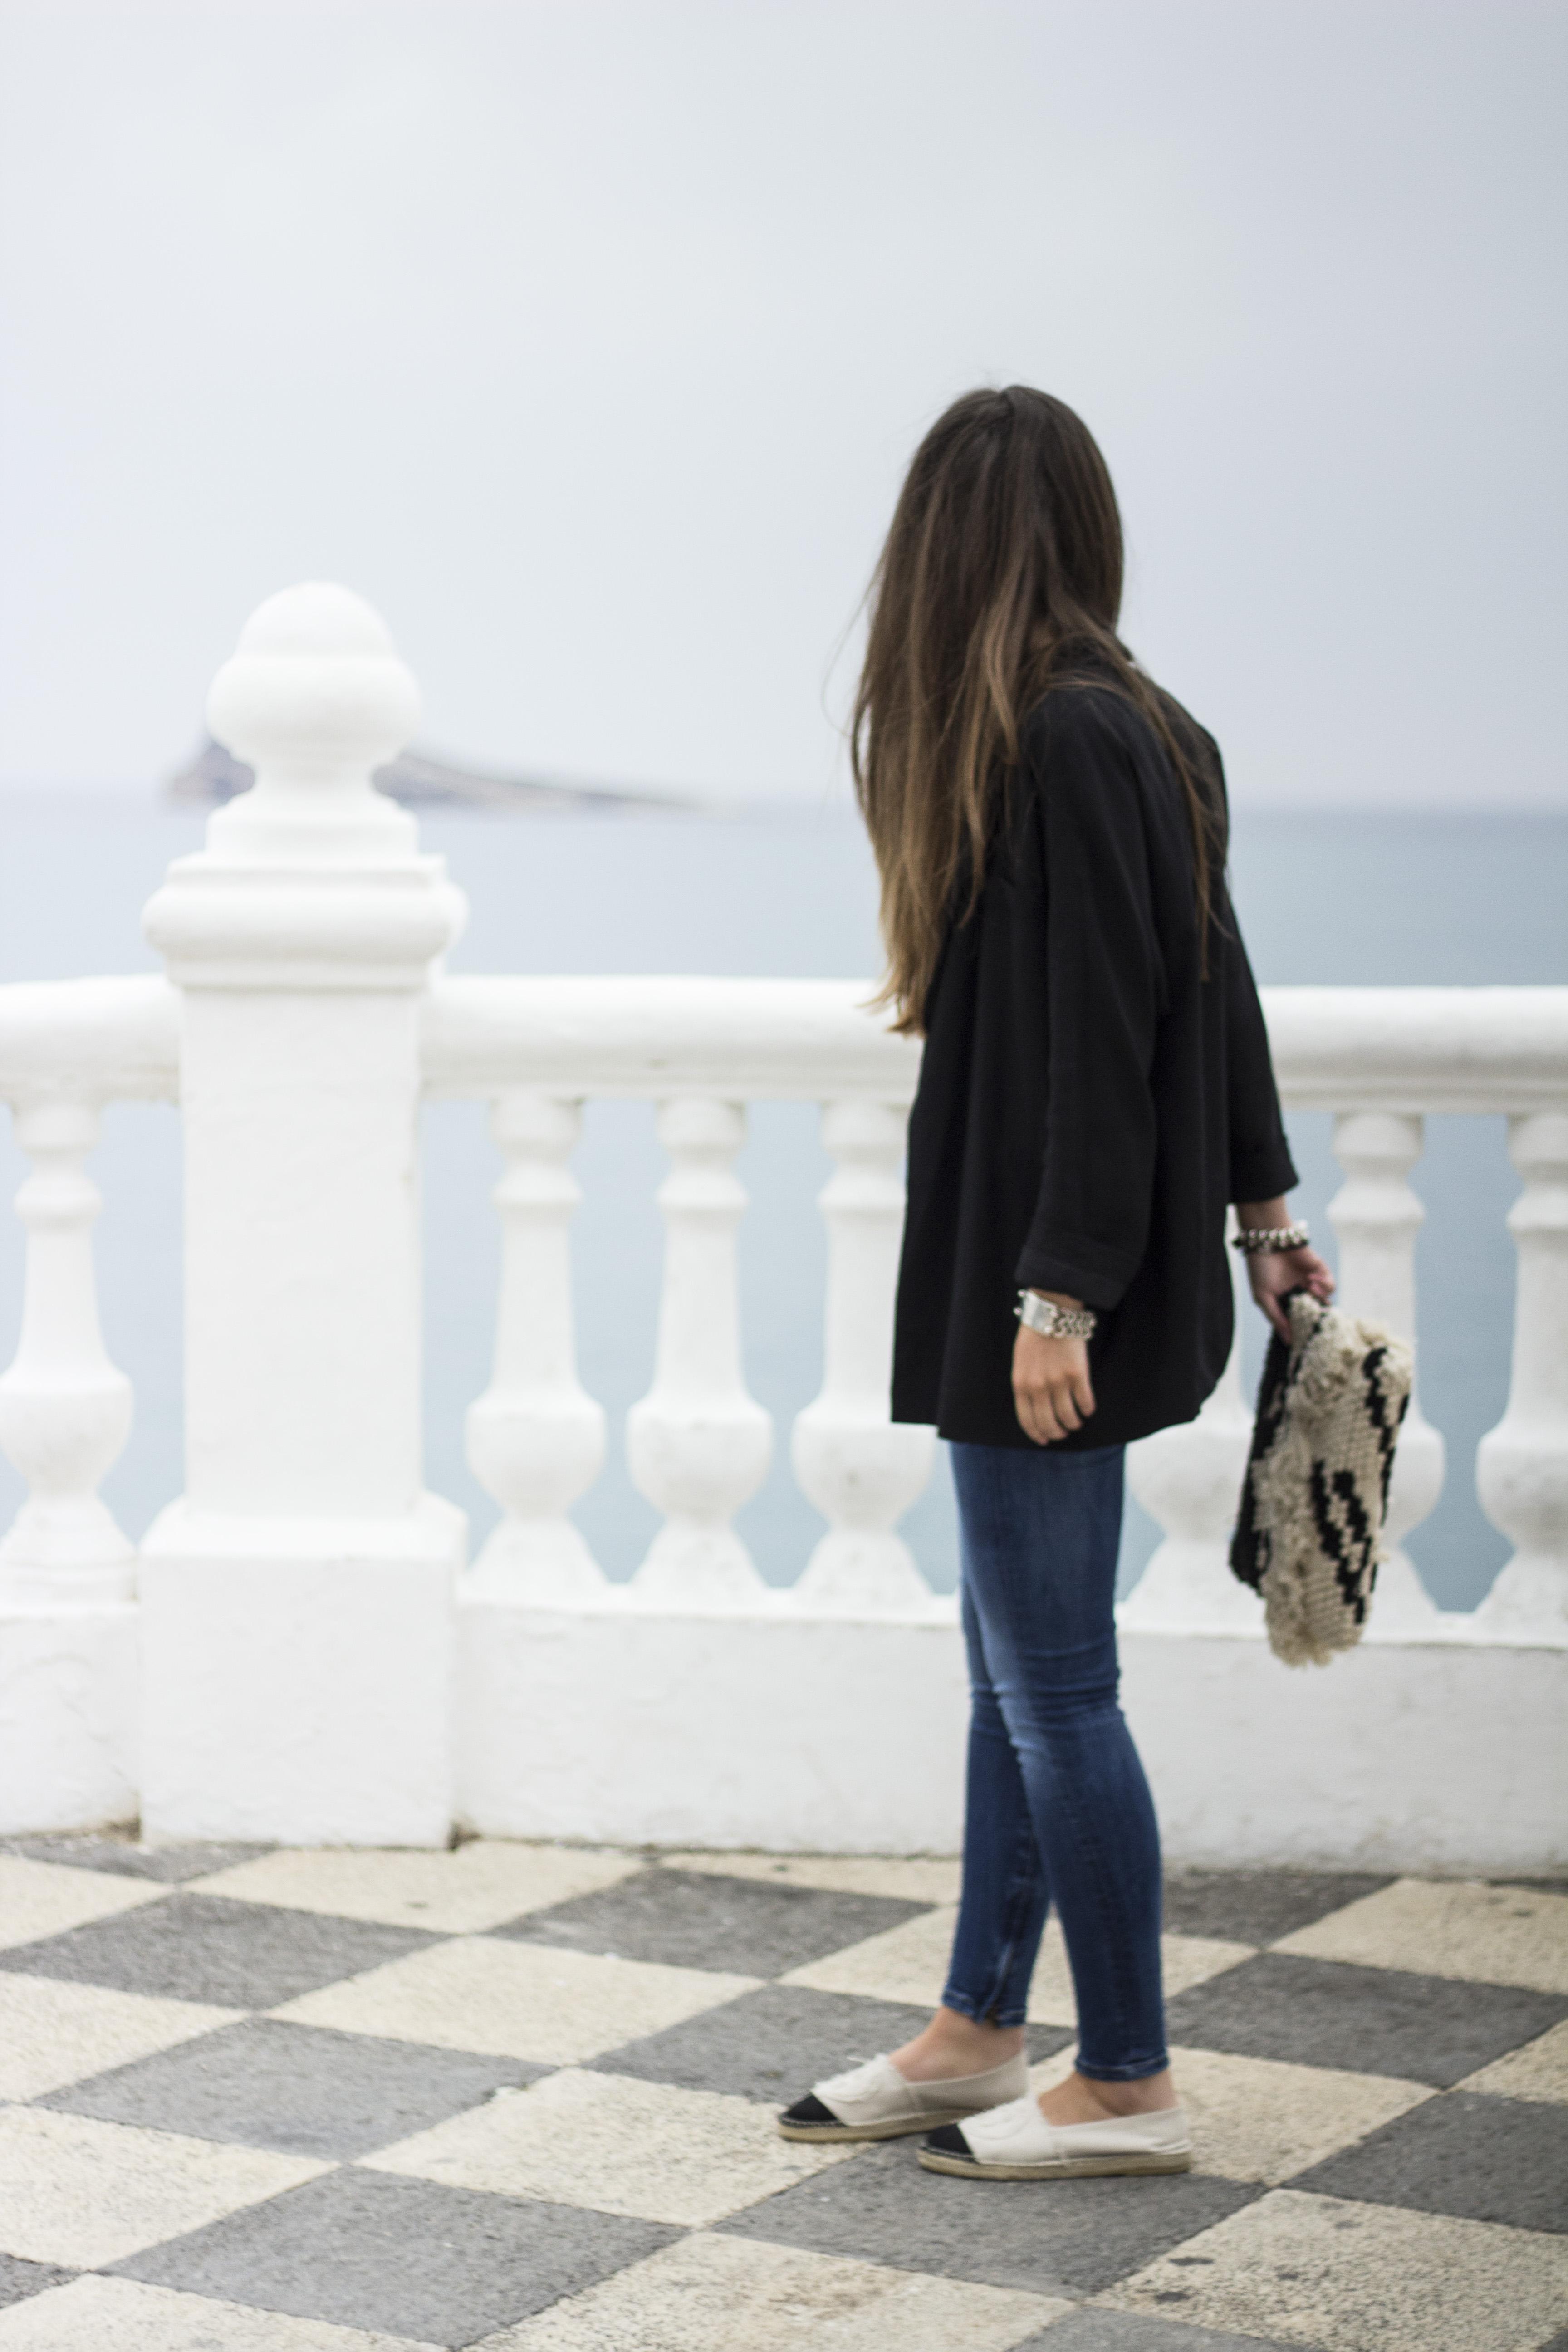 Kamiseta/Camiseta Zara \u2013 Blazer Zara \u2013 Jeans Pepe Jeans \u2013 Alpargata Gloria Ortiz \u2013 Poltsa/Bolso Mango \u2013 Eguzkitako betaurrekoak/Gafas de sol Prada